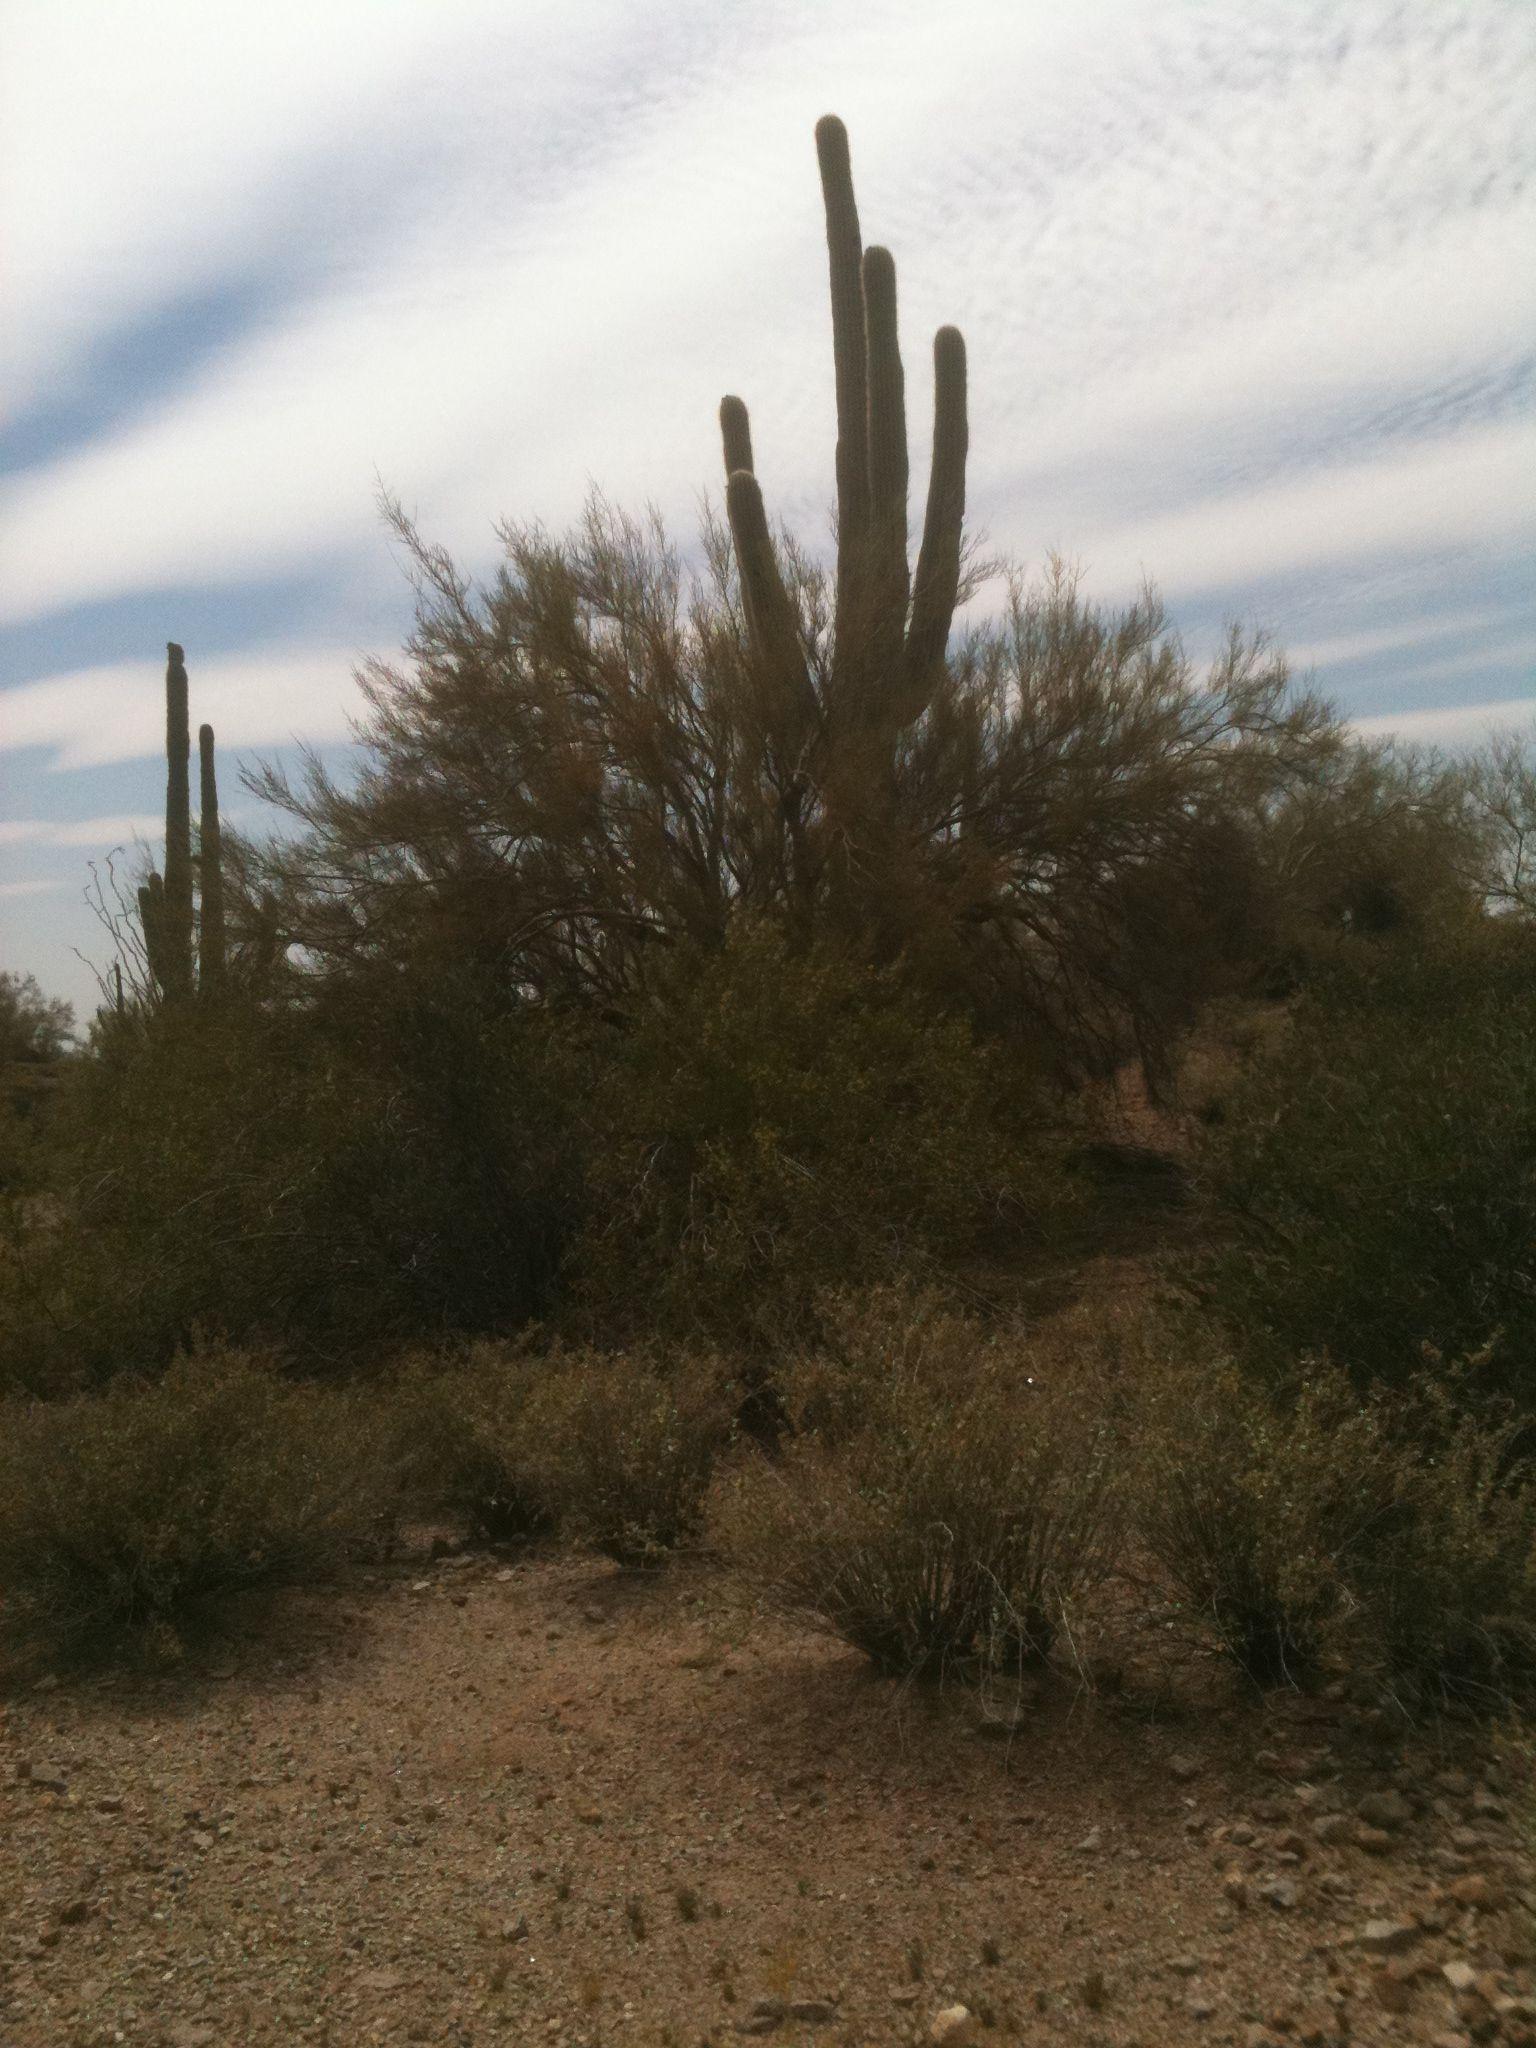 Arizona desert.